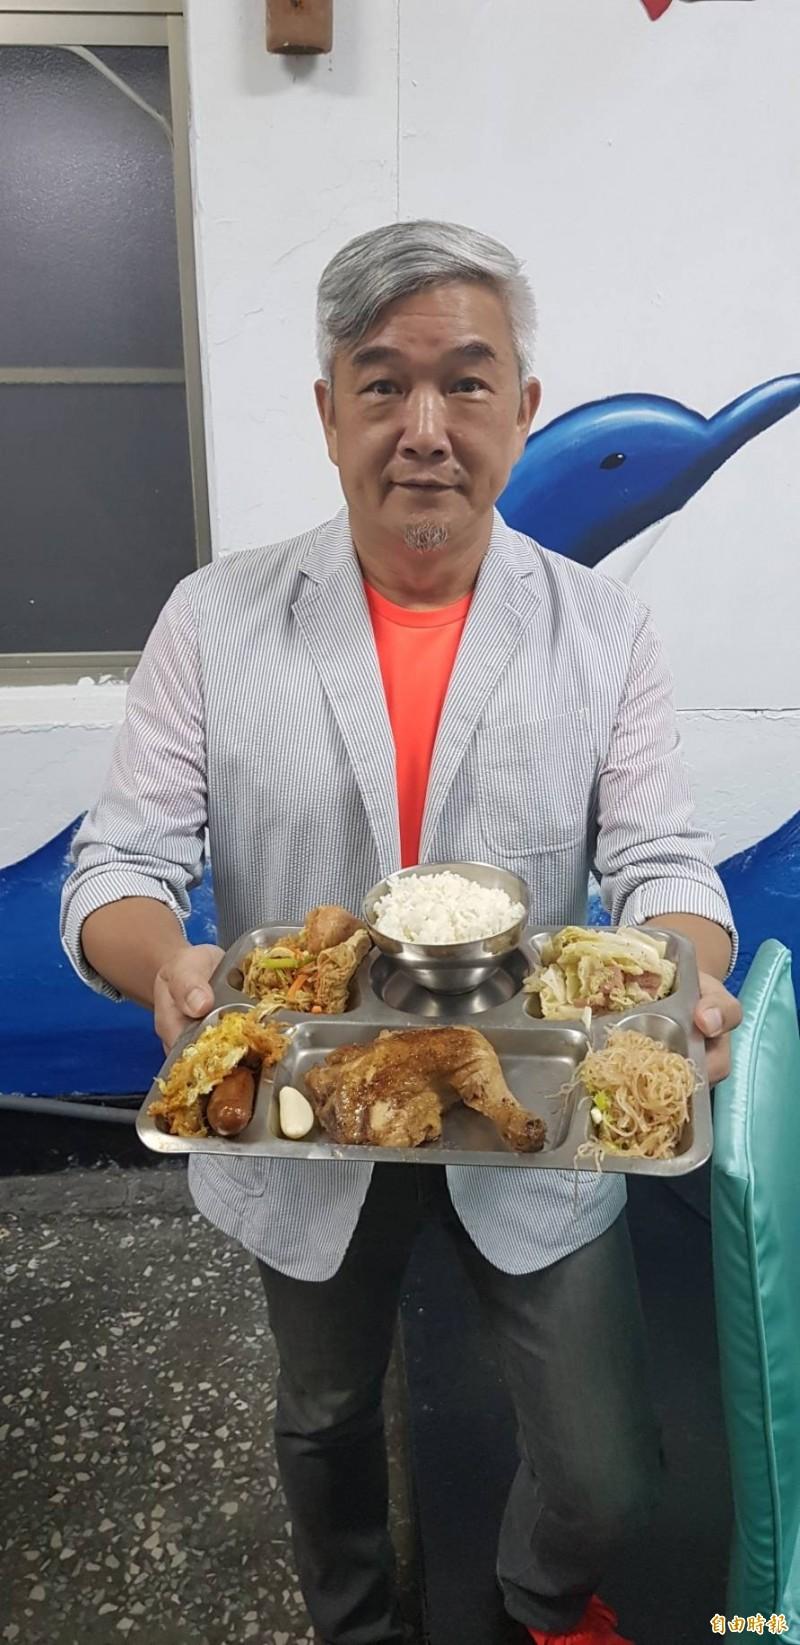 美食家焦志方9月17日走進韋昌嶺營區,在營區內吃到久違的軍中大鍋飯,對於這個懷念美食忍不住PO在YOUTUBE,與大家分享。(記者俞肇福攝)